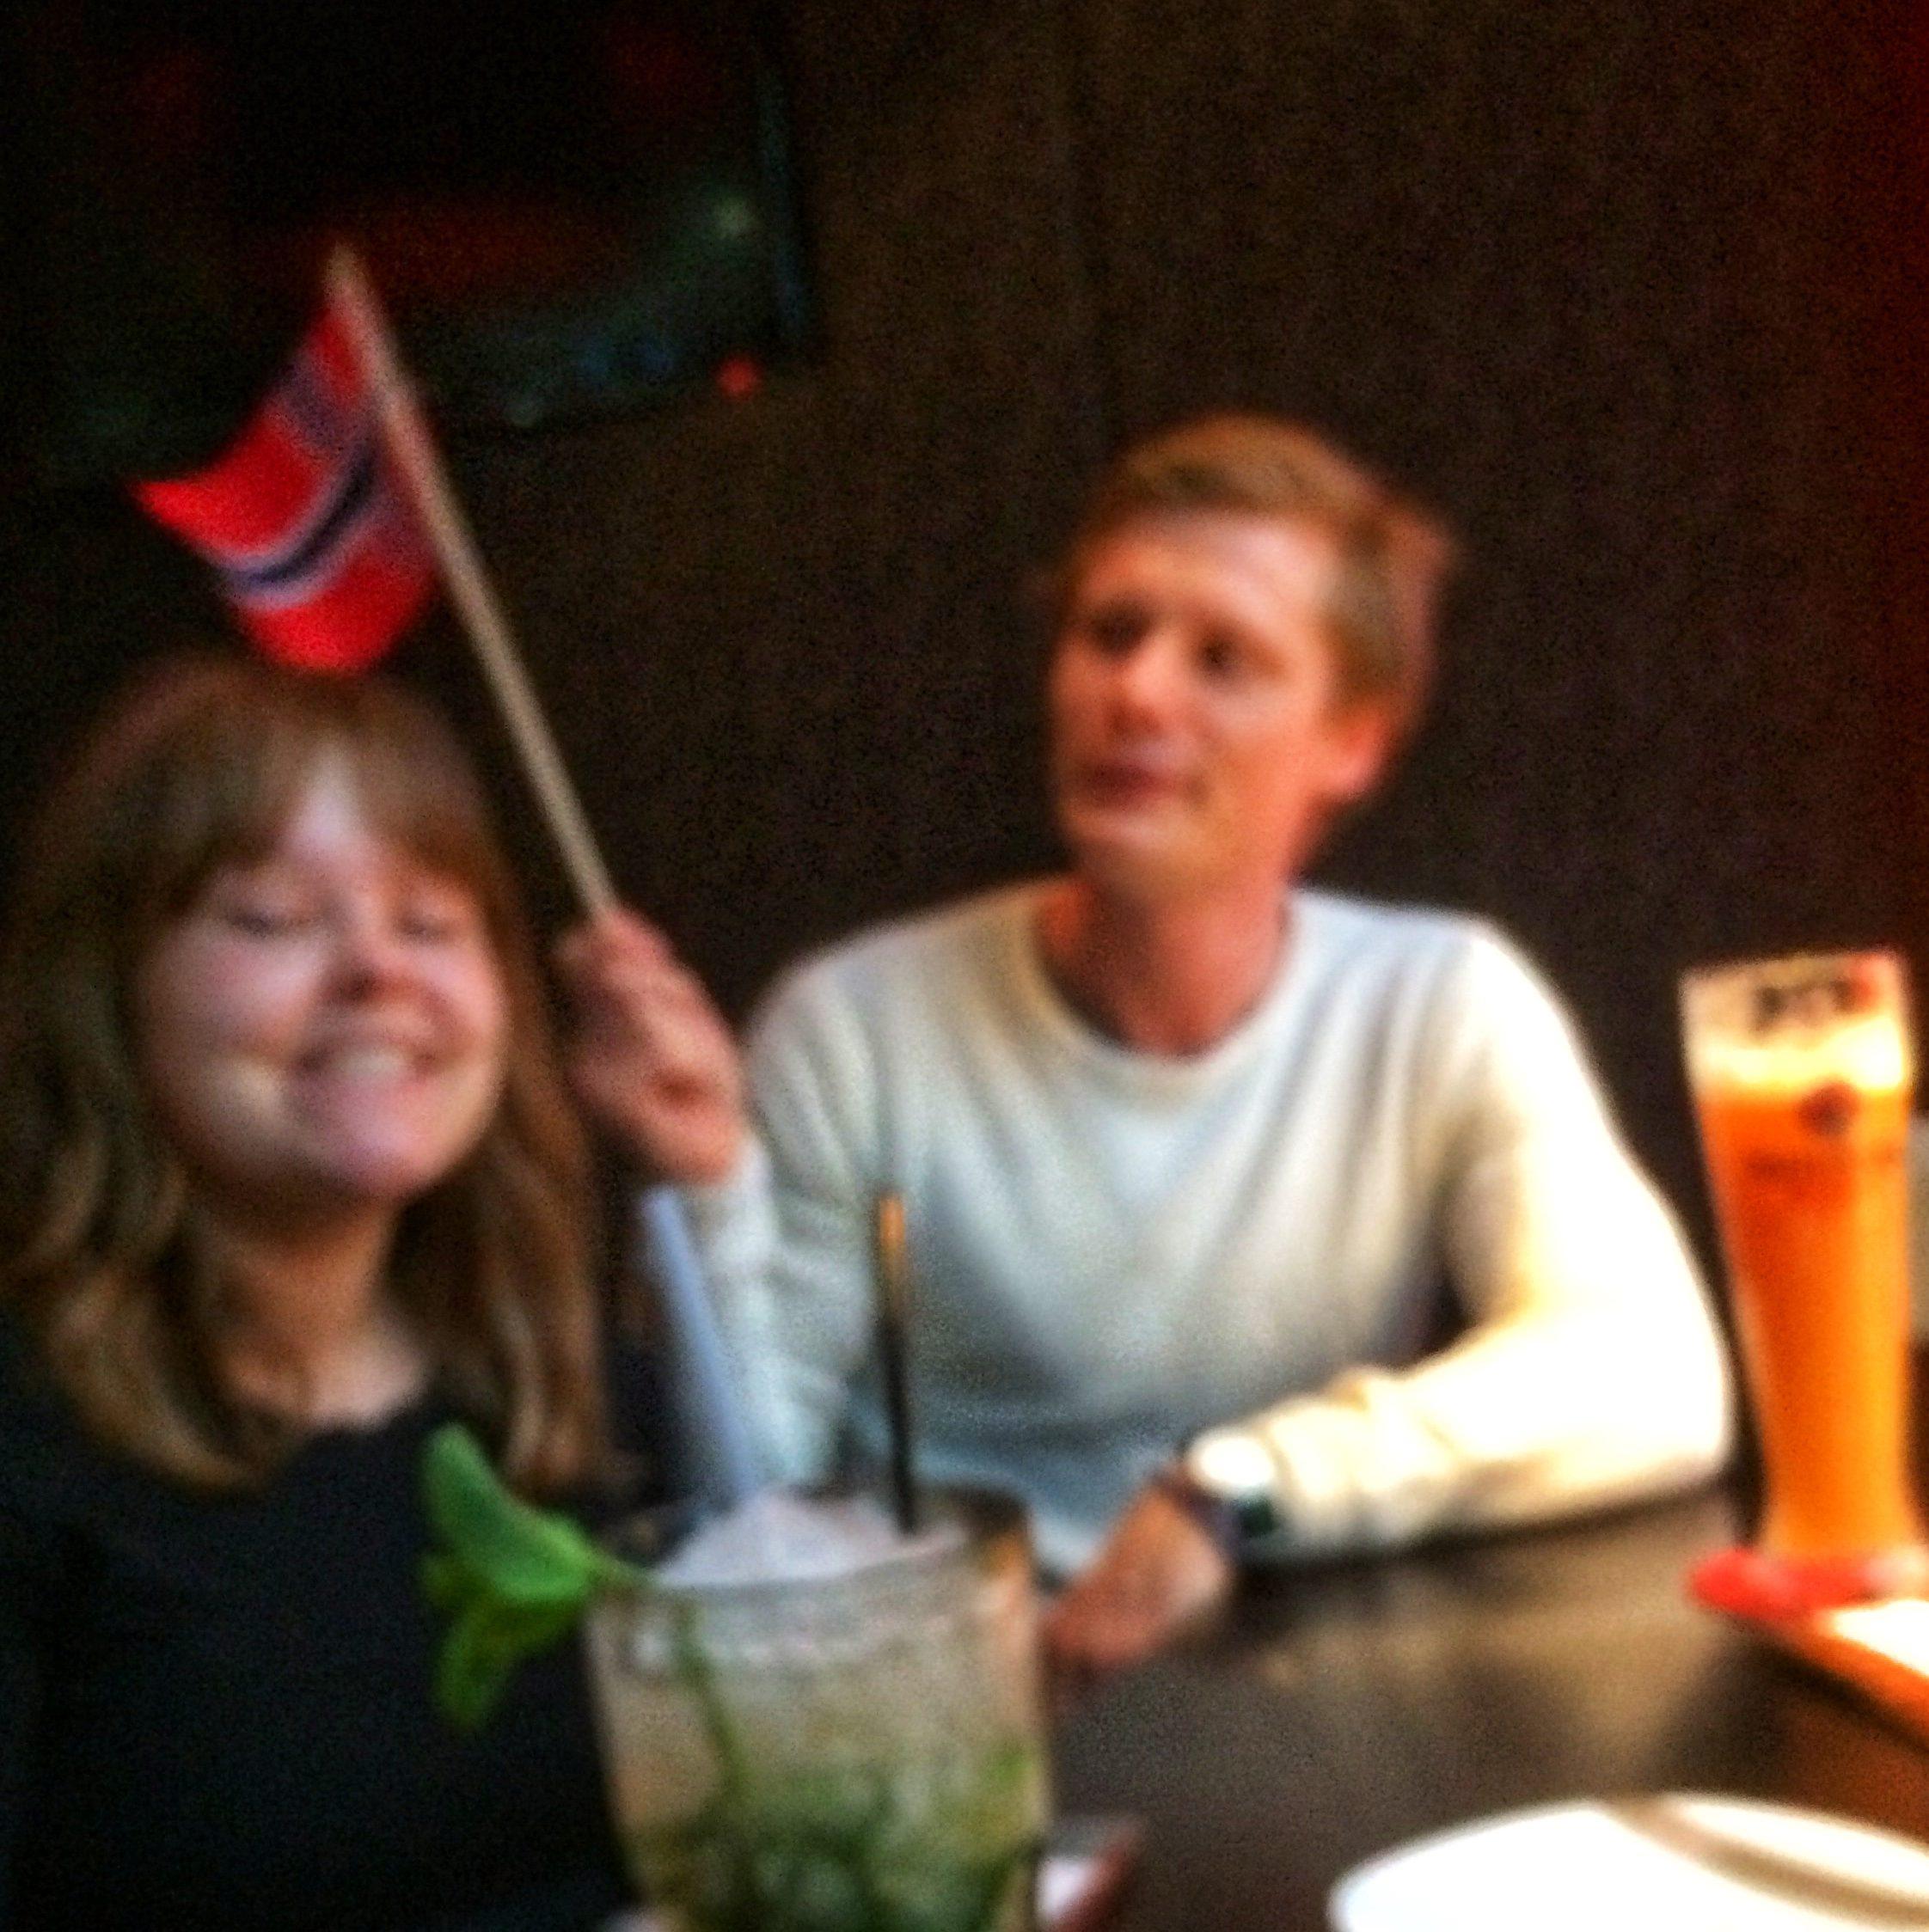 Et slørete bilde av en kvinne og en mann på bar som vaier med et typisk norsk 17.mai-flagg i bakgrunnen.